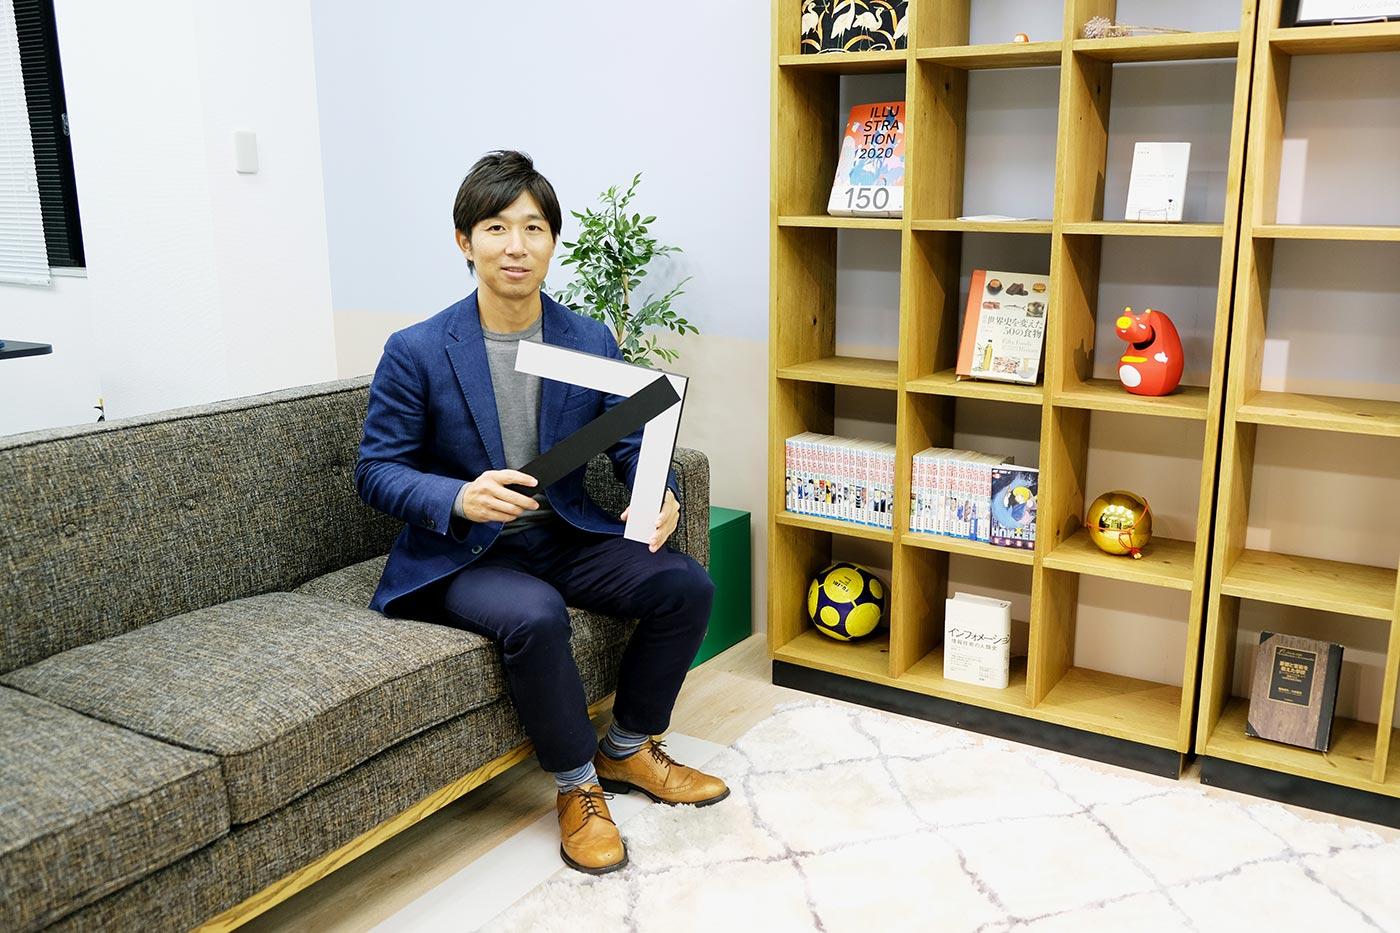 お話を伺った方:株式会社Schoo 取締役 COO 古瀬 康介様